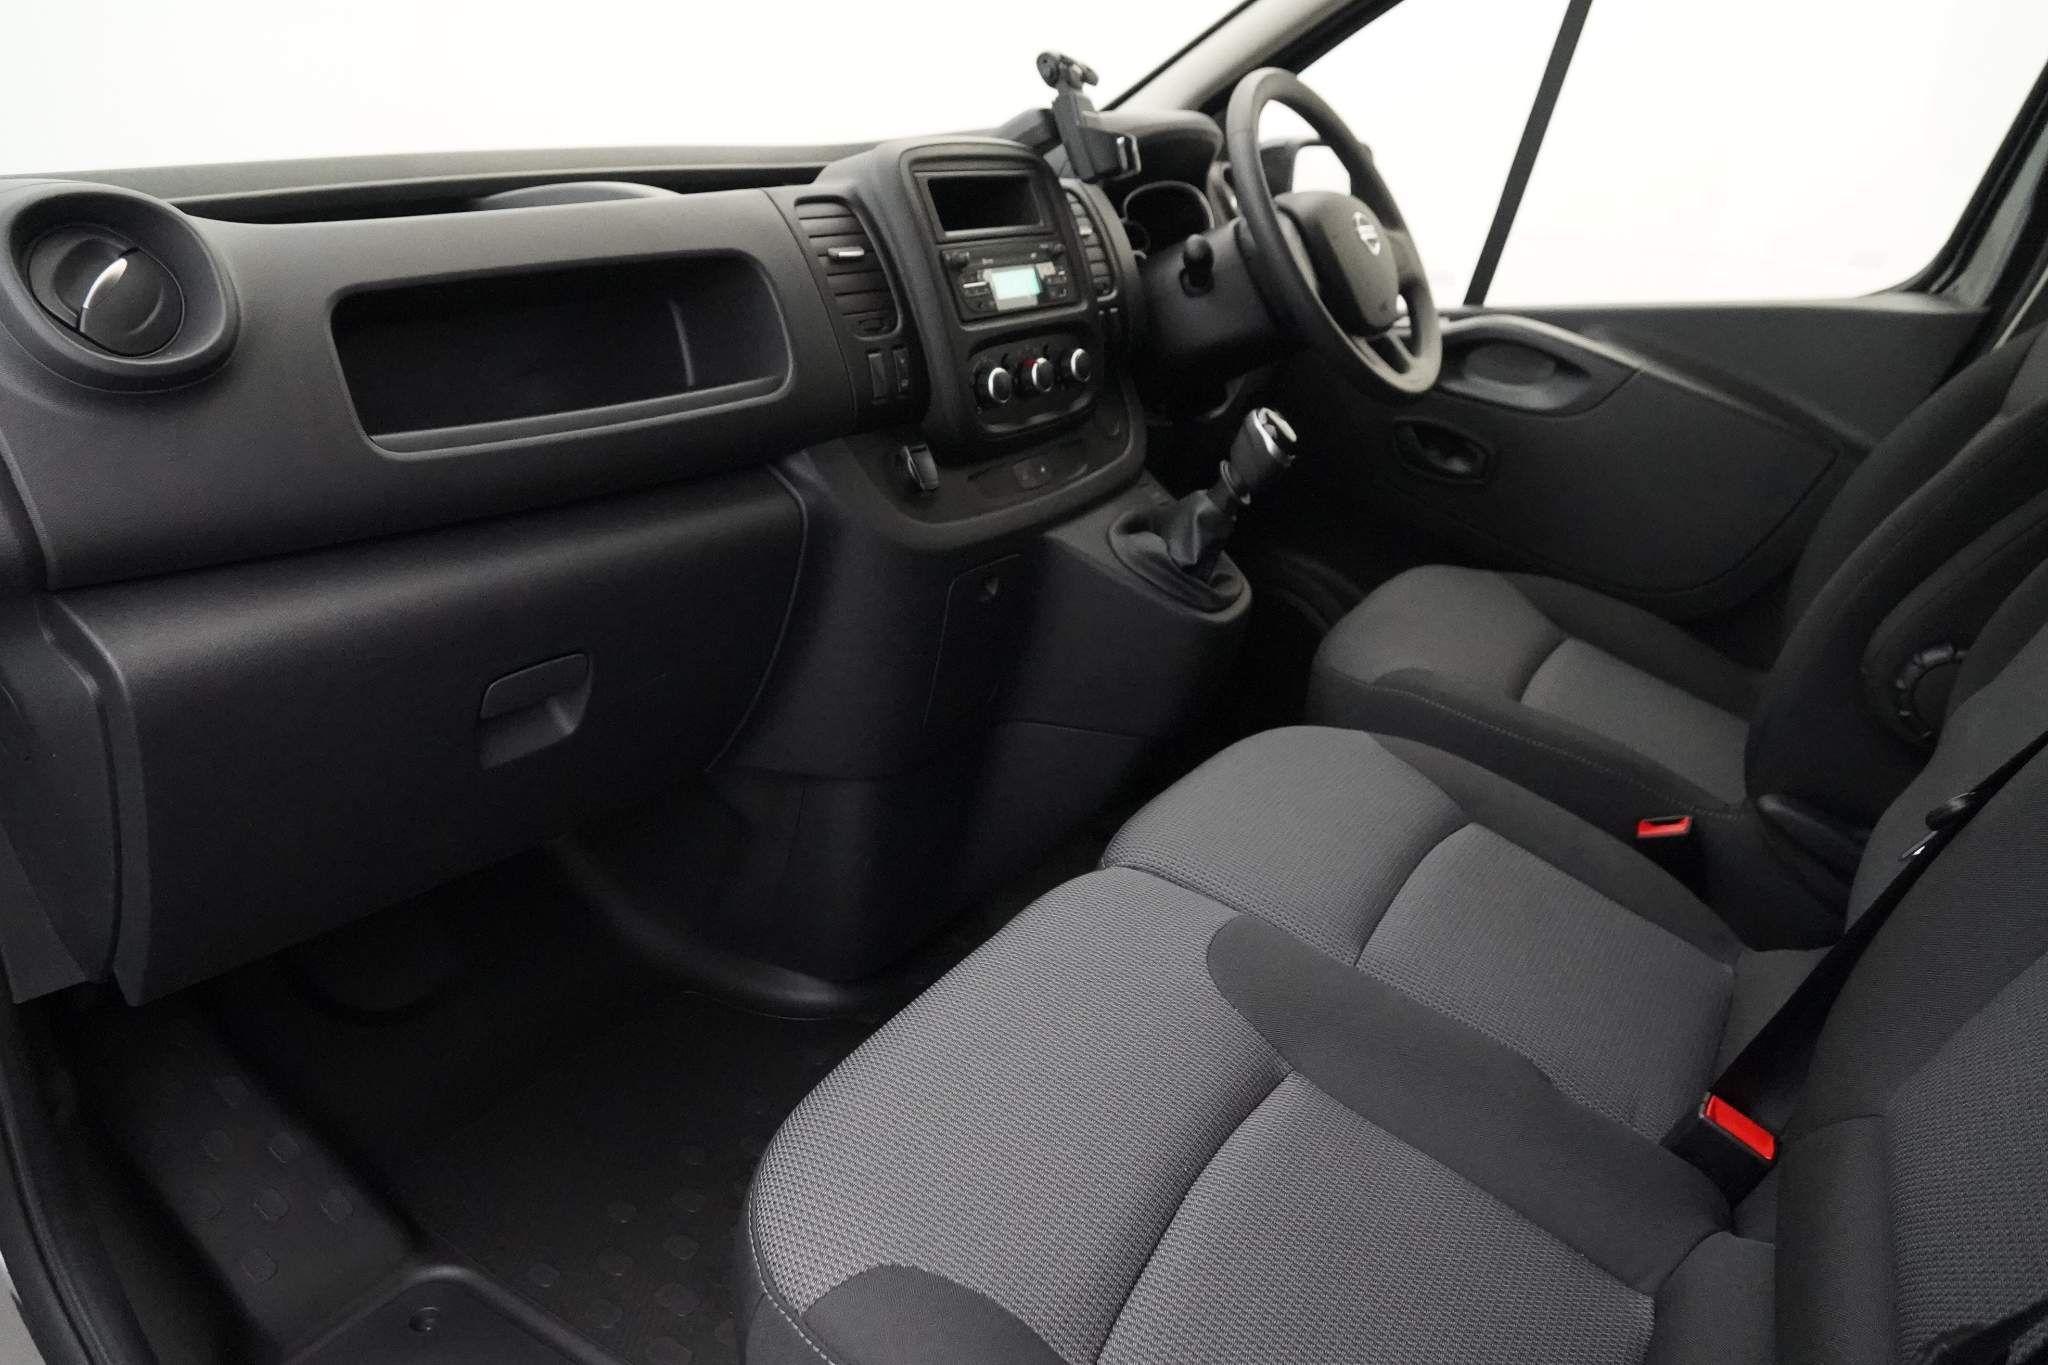 Nissan NV300 for sale